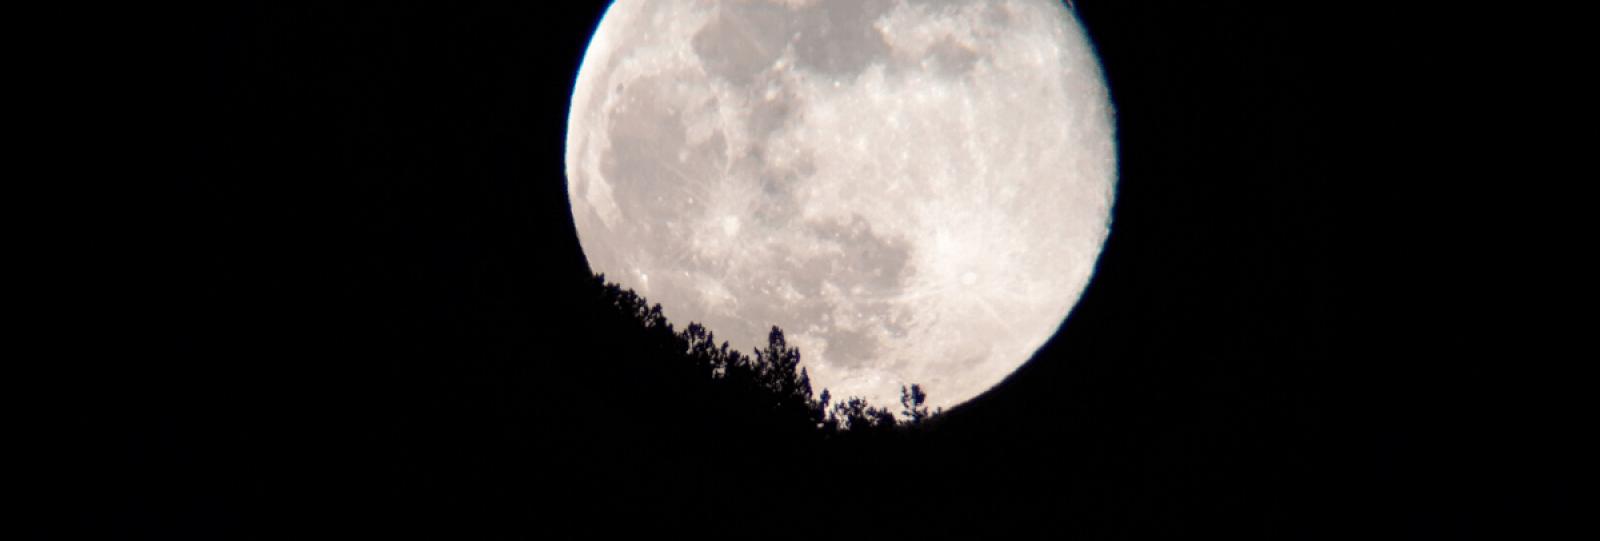 Balade sous la lune avec Christophe Pelet - Prochaines dates